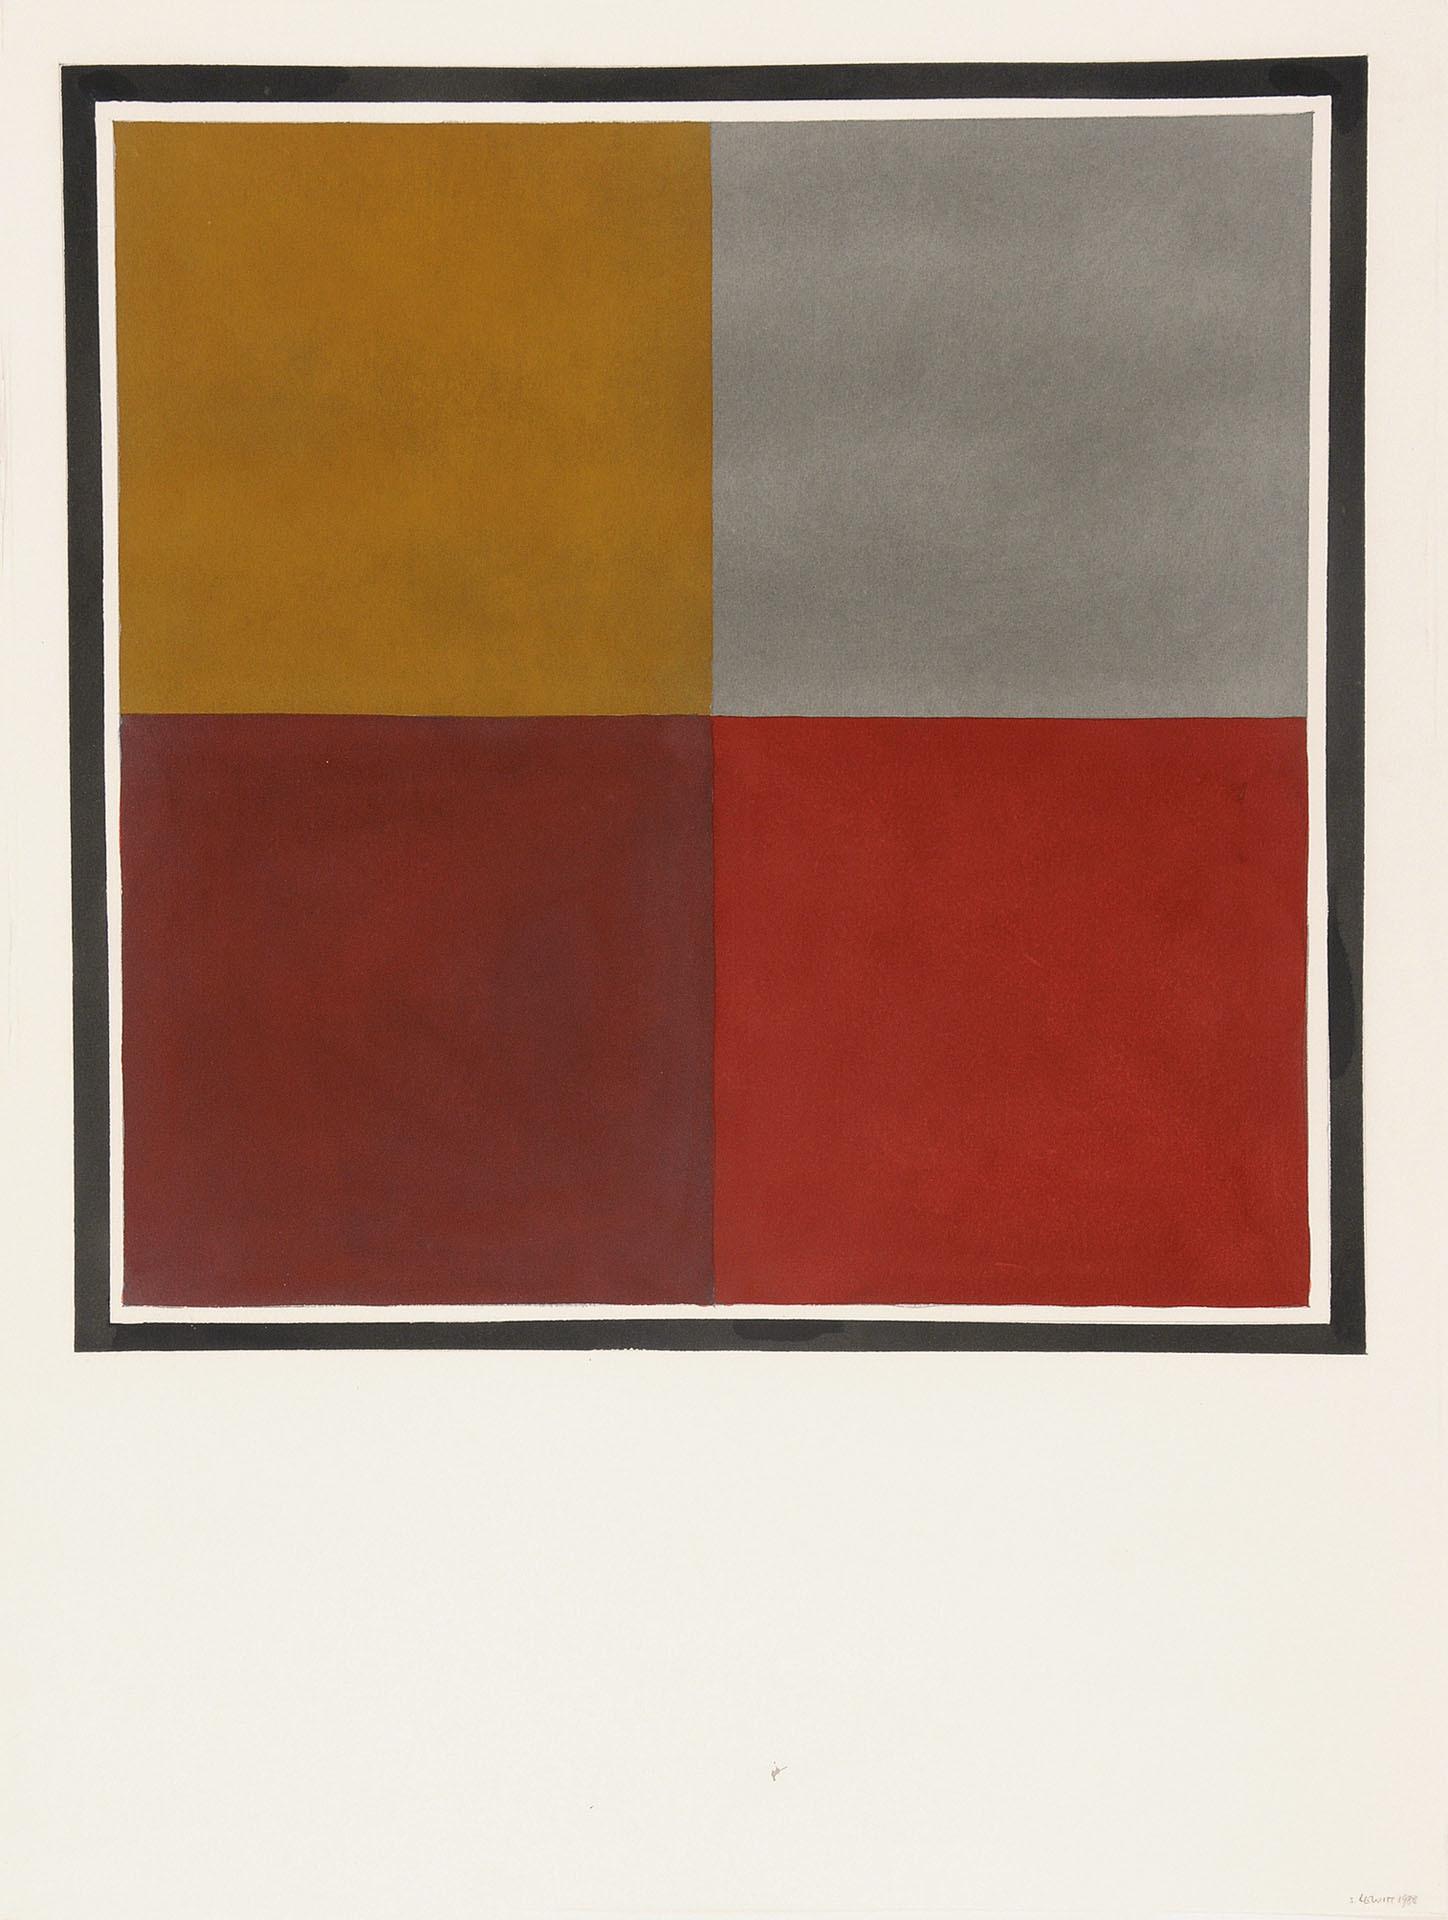 Lewitt Sol, Increasing Tones Of Gray